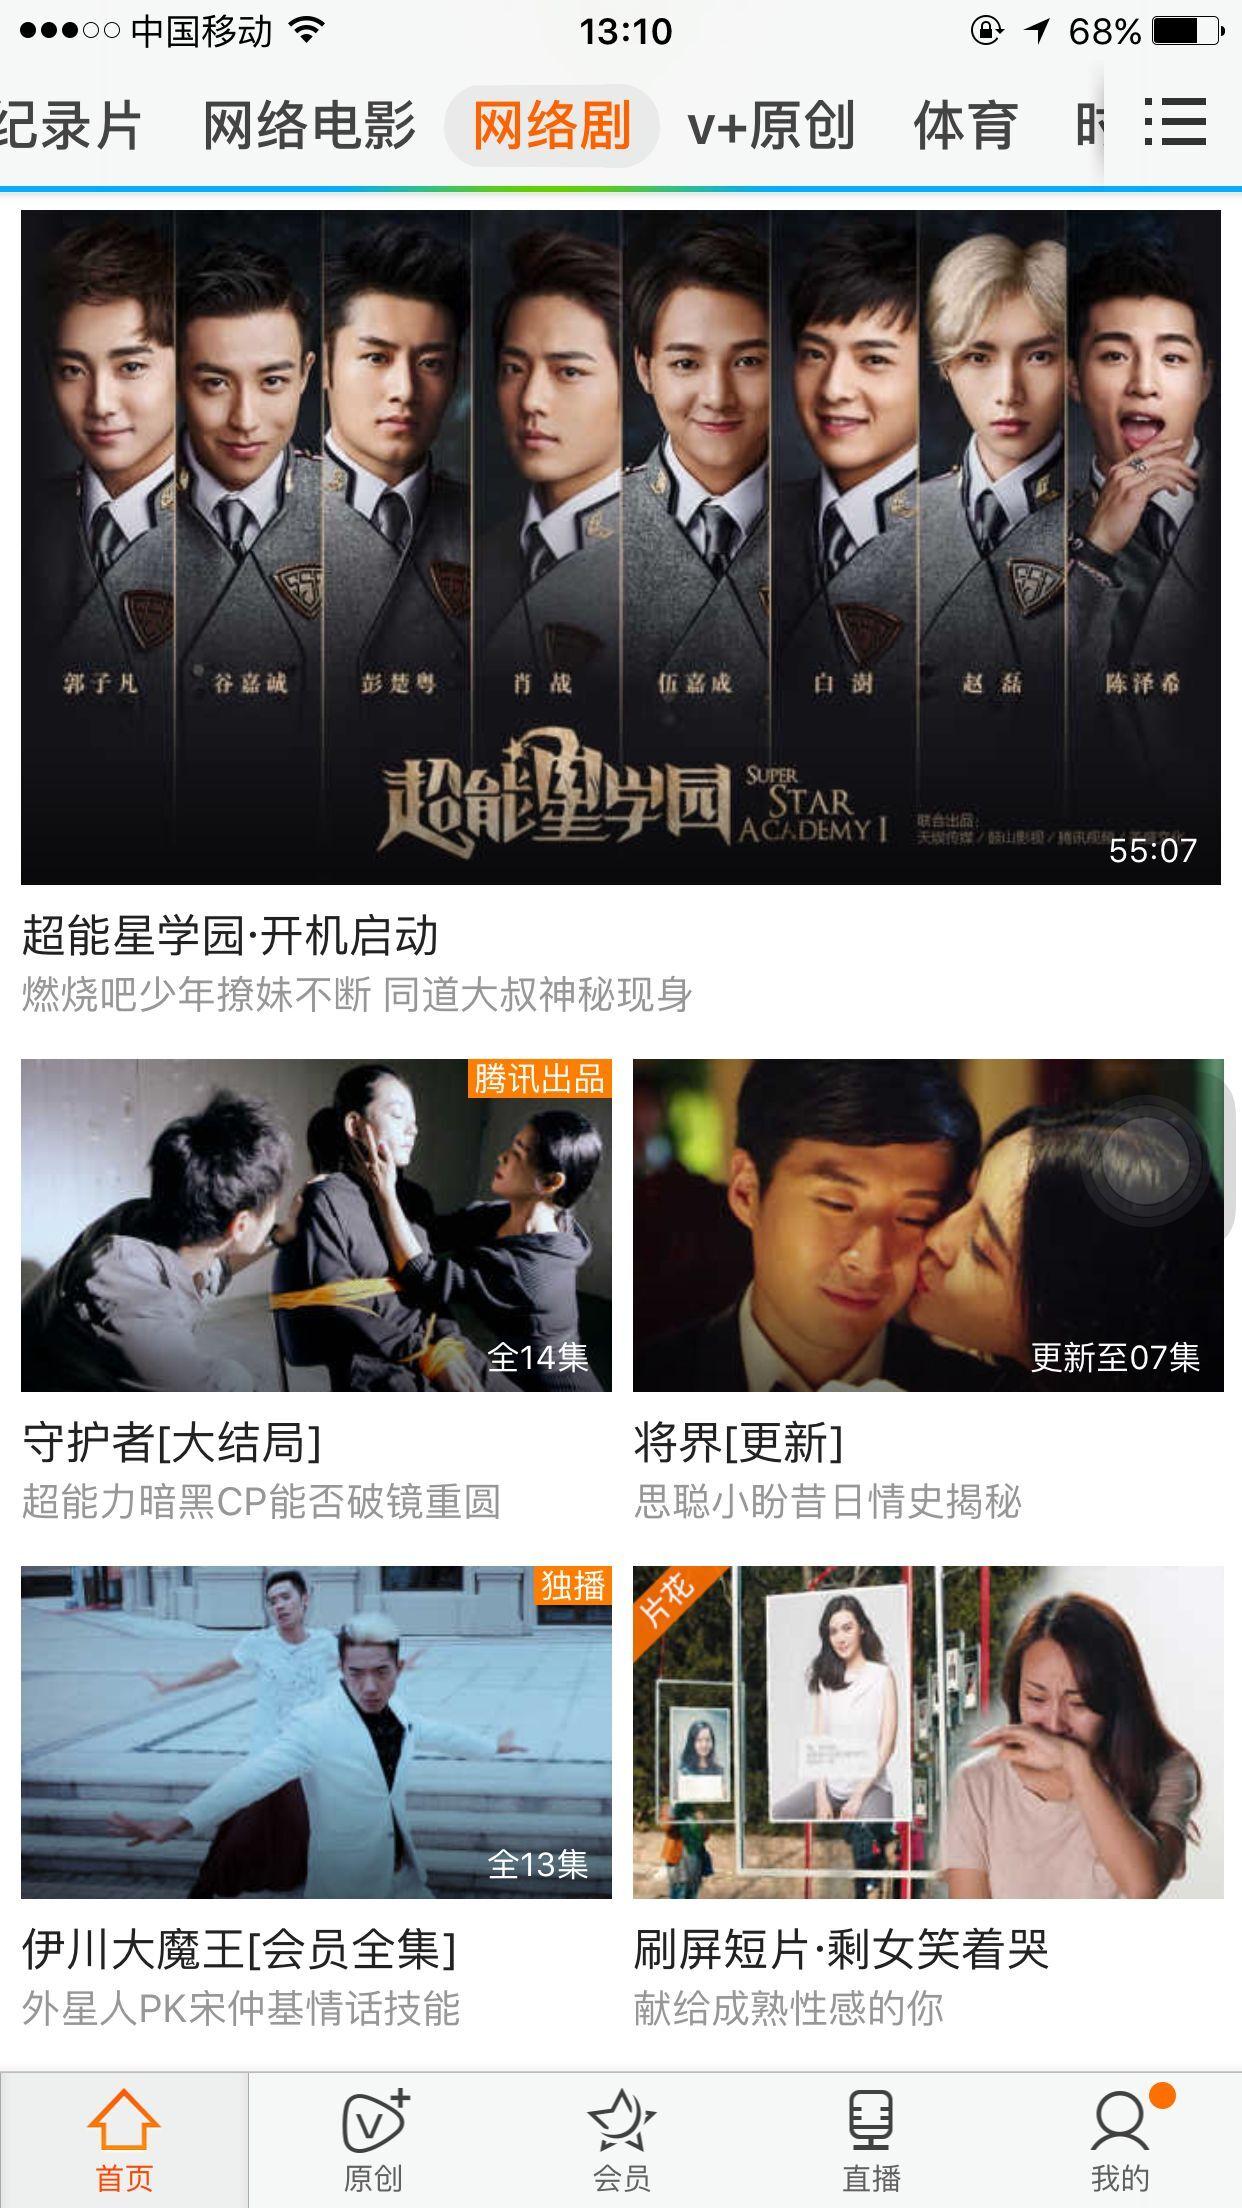 将界07 腾讯app网络剧频道